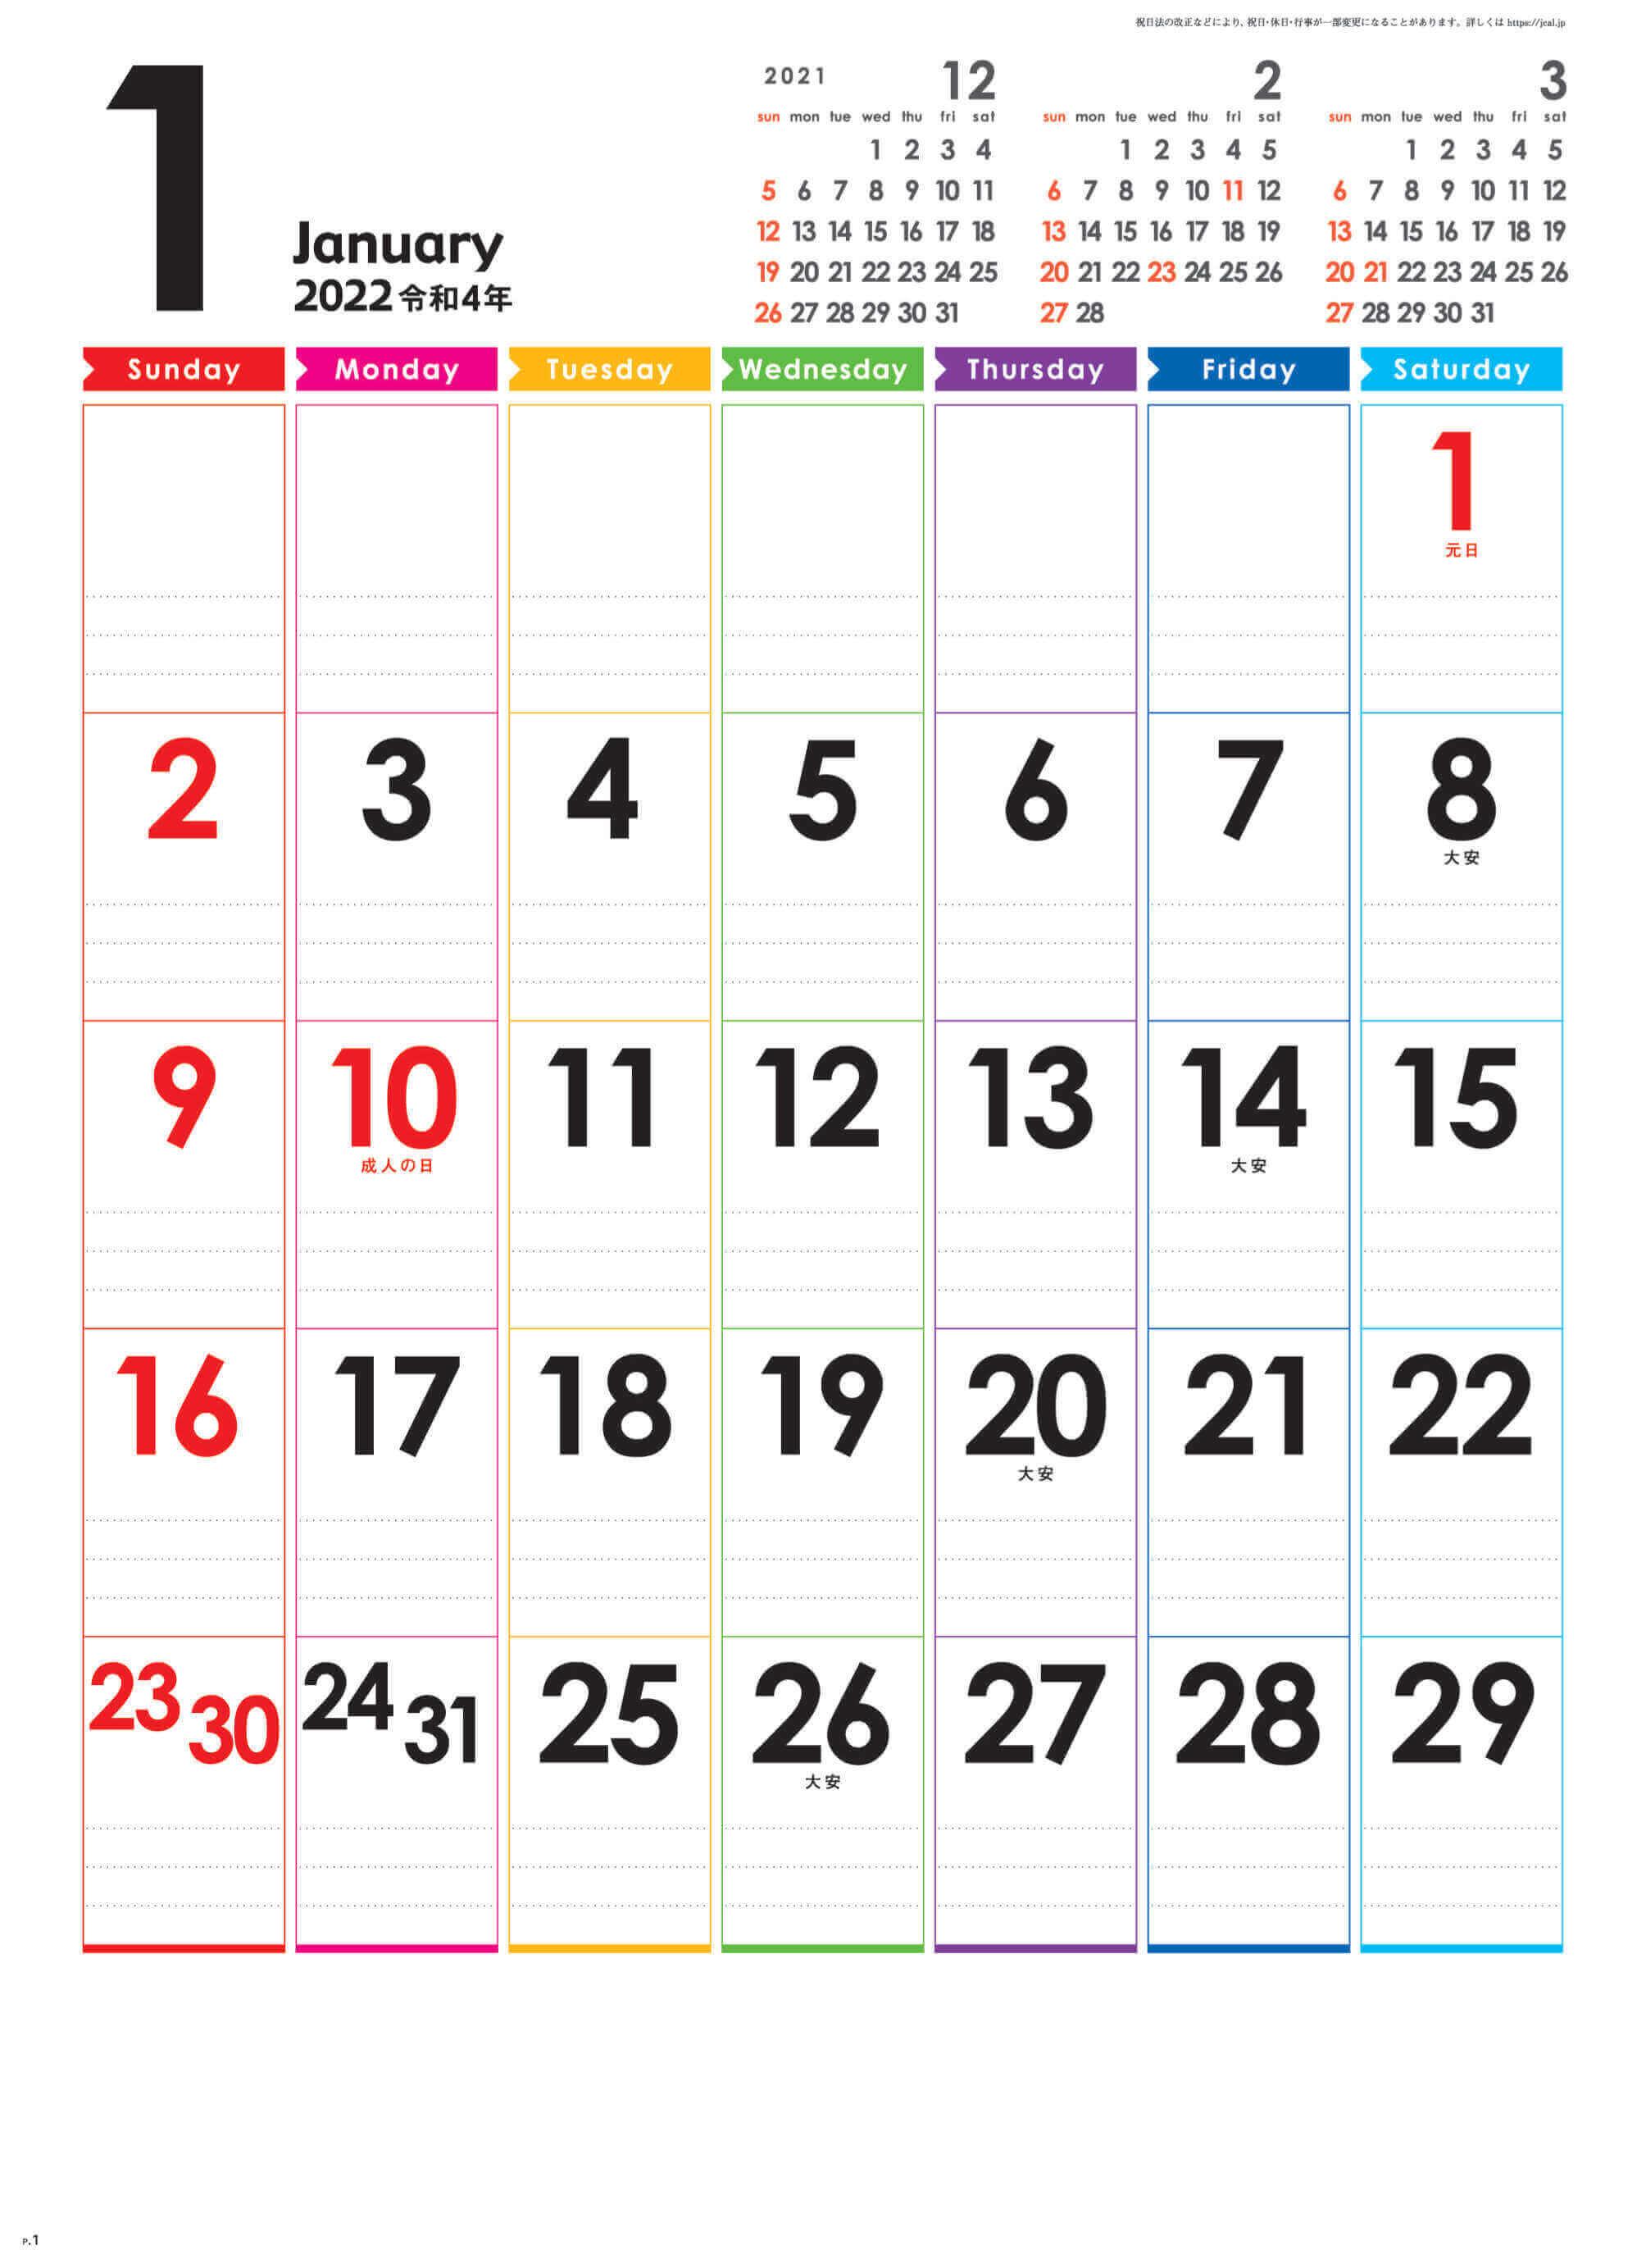 レインボーカレンダー 2022年カレンダーの画像